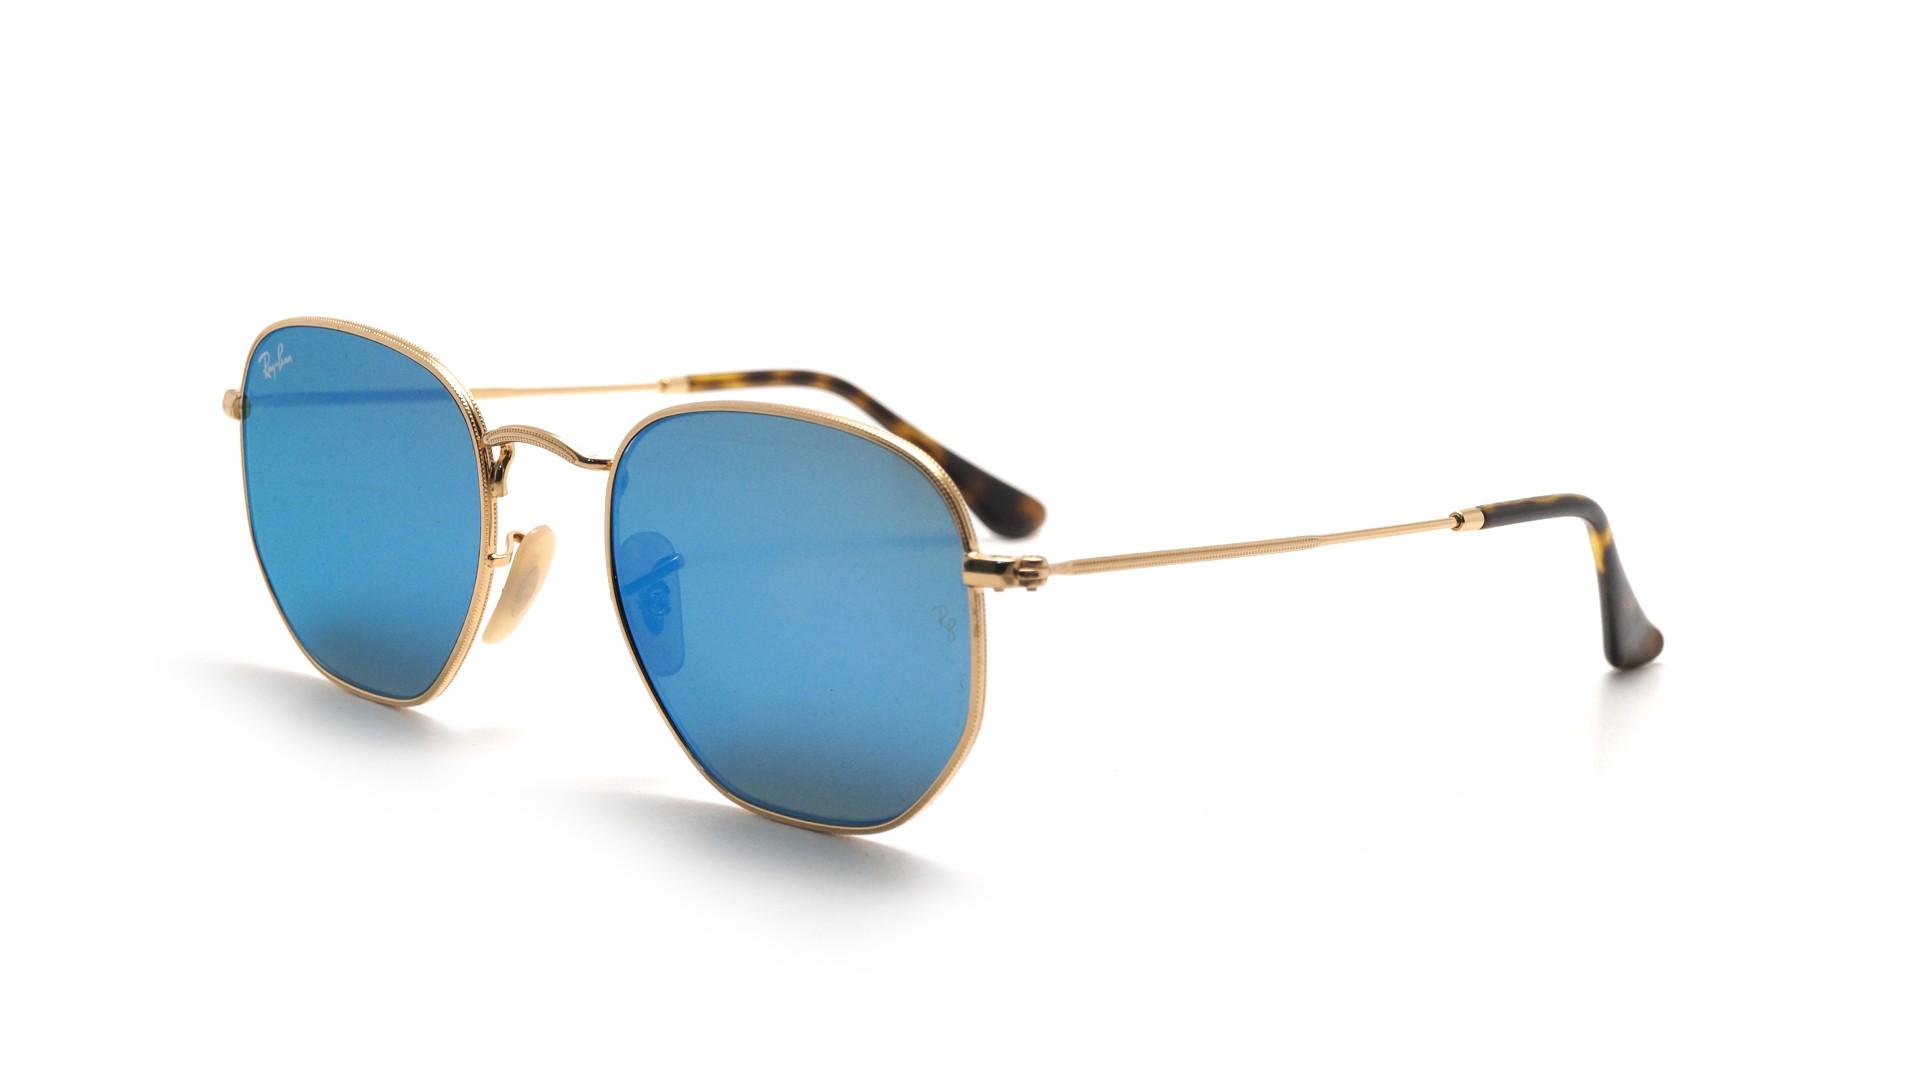 afeaf936fe Sunglasses Ray-Ban RB3548N 001 9O 51-21 Gold Medium Flash